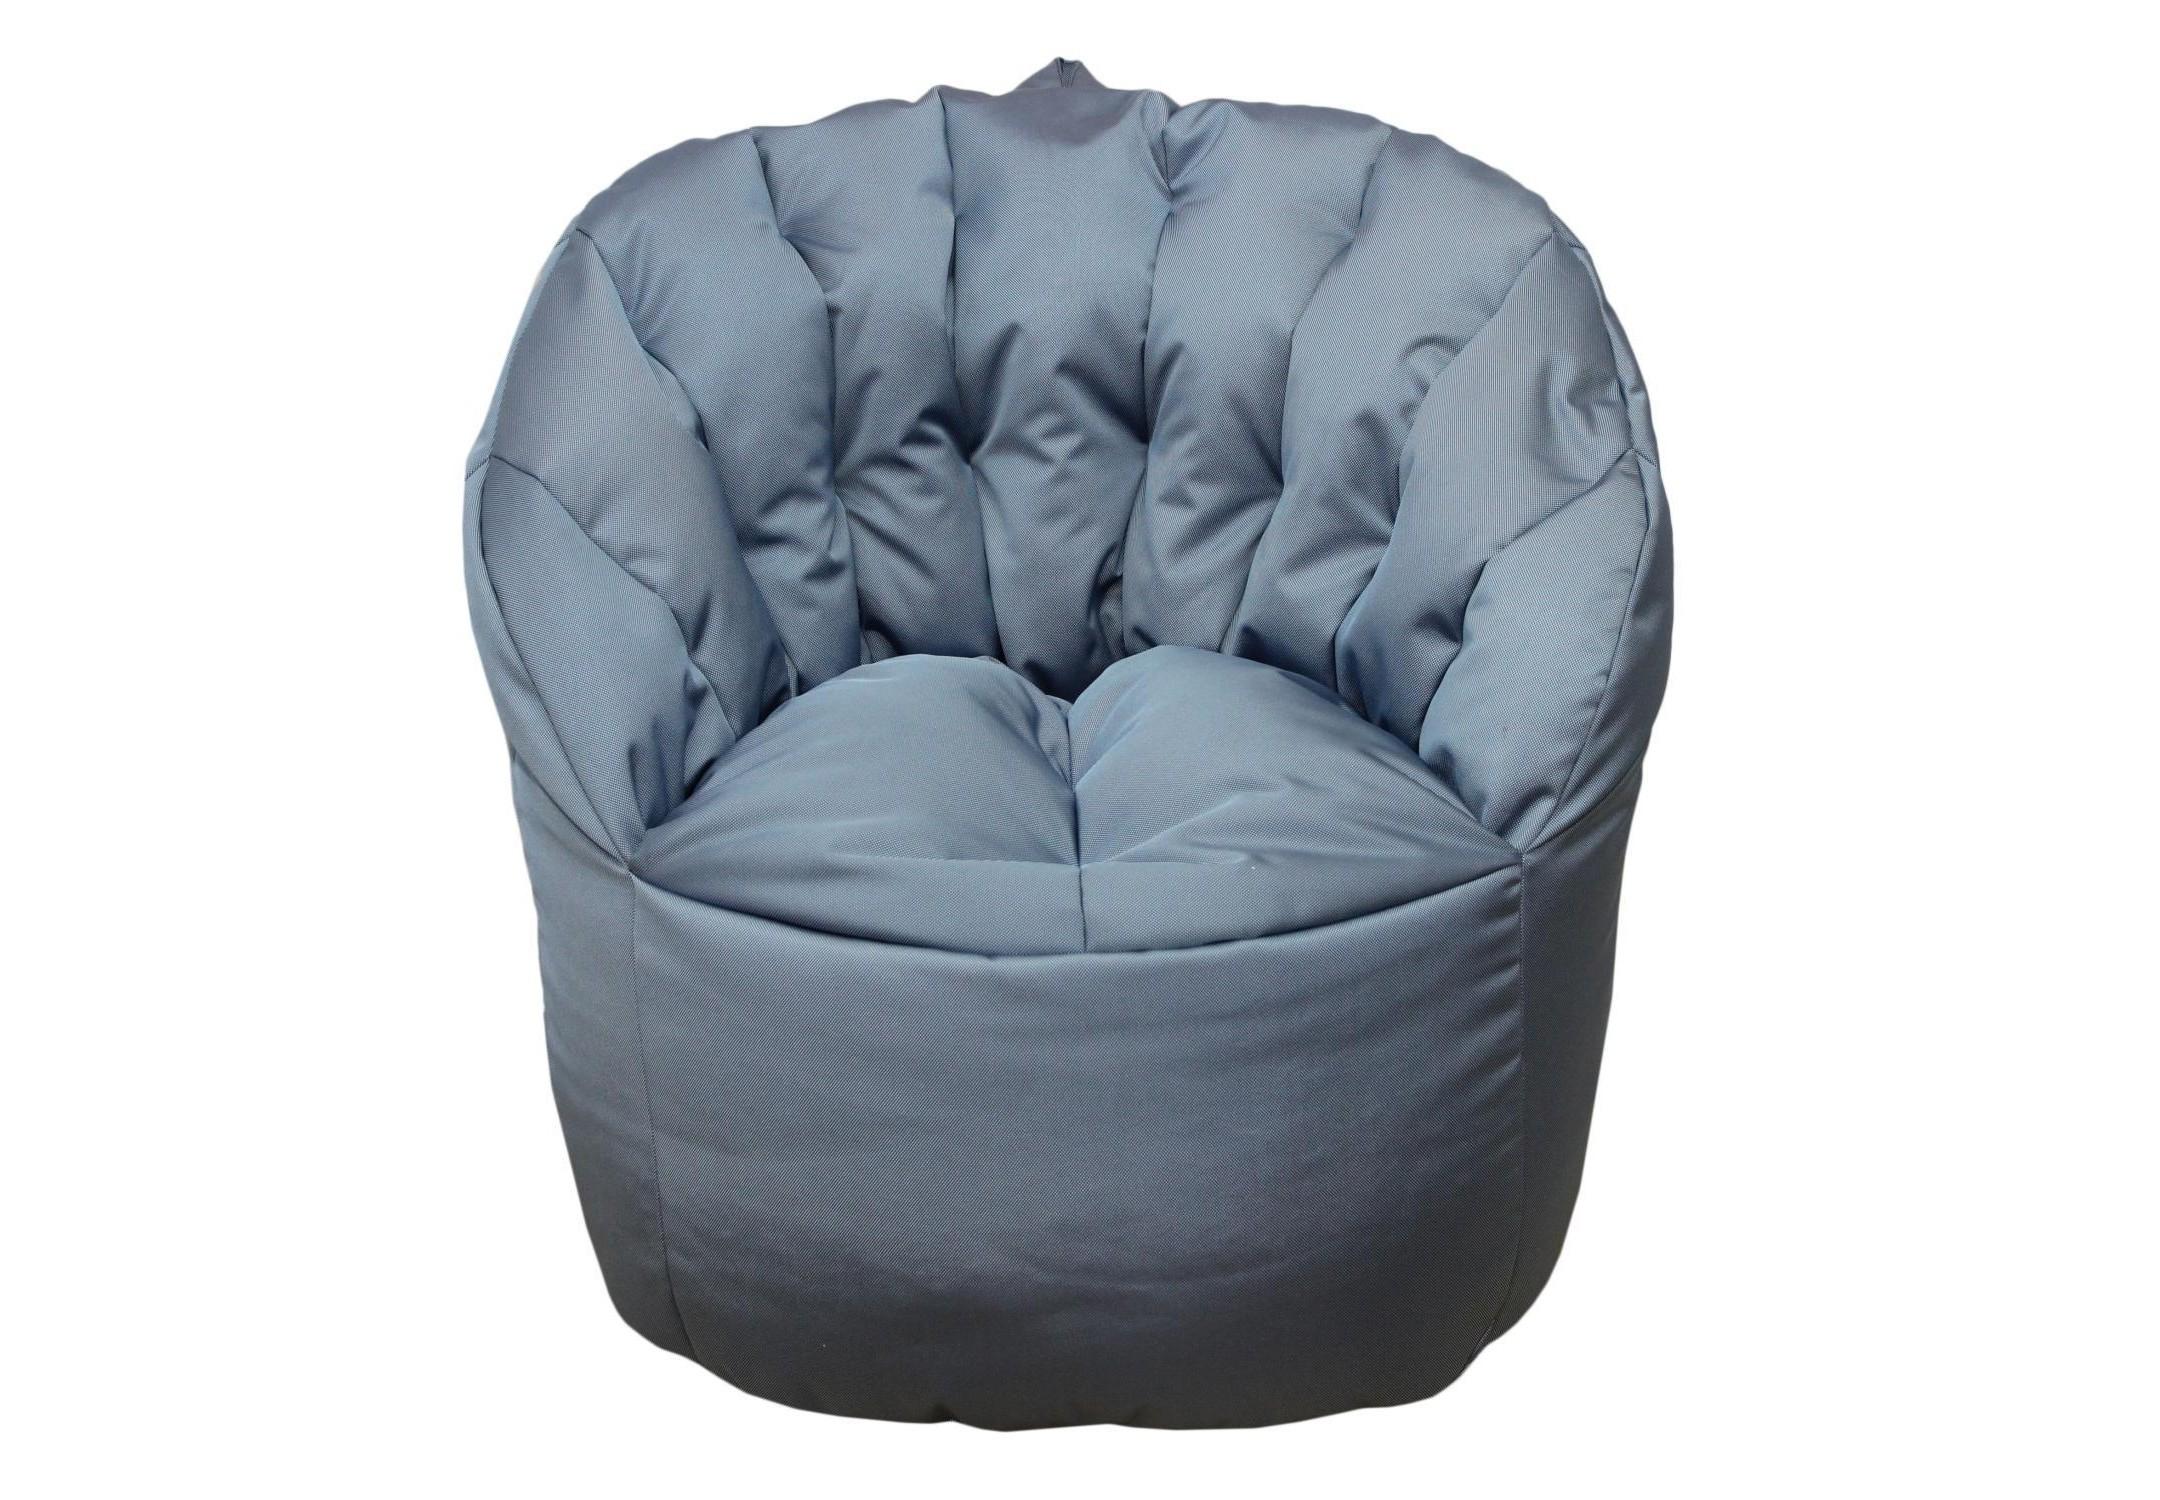 Уличное кресло- пуф  Sky BlueФорменные пуфы<br>Очень комфортное и  легкое  кресло-пуф станет неотъемлемой частью вашего интерьера как дома ,так и на улице. Сиденье и спинка кресла великолепно поддерживают и принимают форму тела, обеспечивая комфортный отдых. Читайте книгу, общайтесь с друзьями или просто наслаждайтесь лучами летнего солнца удобно разместившись в этом кресле!  Оно сшито из очень плотной ткани с водооталкивающим покрытием с внешней стороны, поэтому идеально подойдет для уличного декора.При загрязнении его достаточно протереть мокрой салфеткой.<br><br>Material: Текстиль<br>Length см: None<br>Width см: 80<br>Depth см: 60<br>Height см: 90